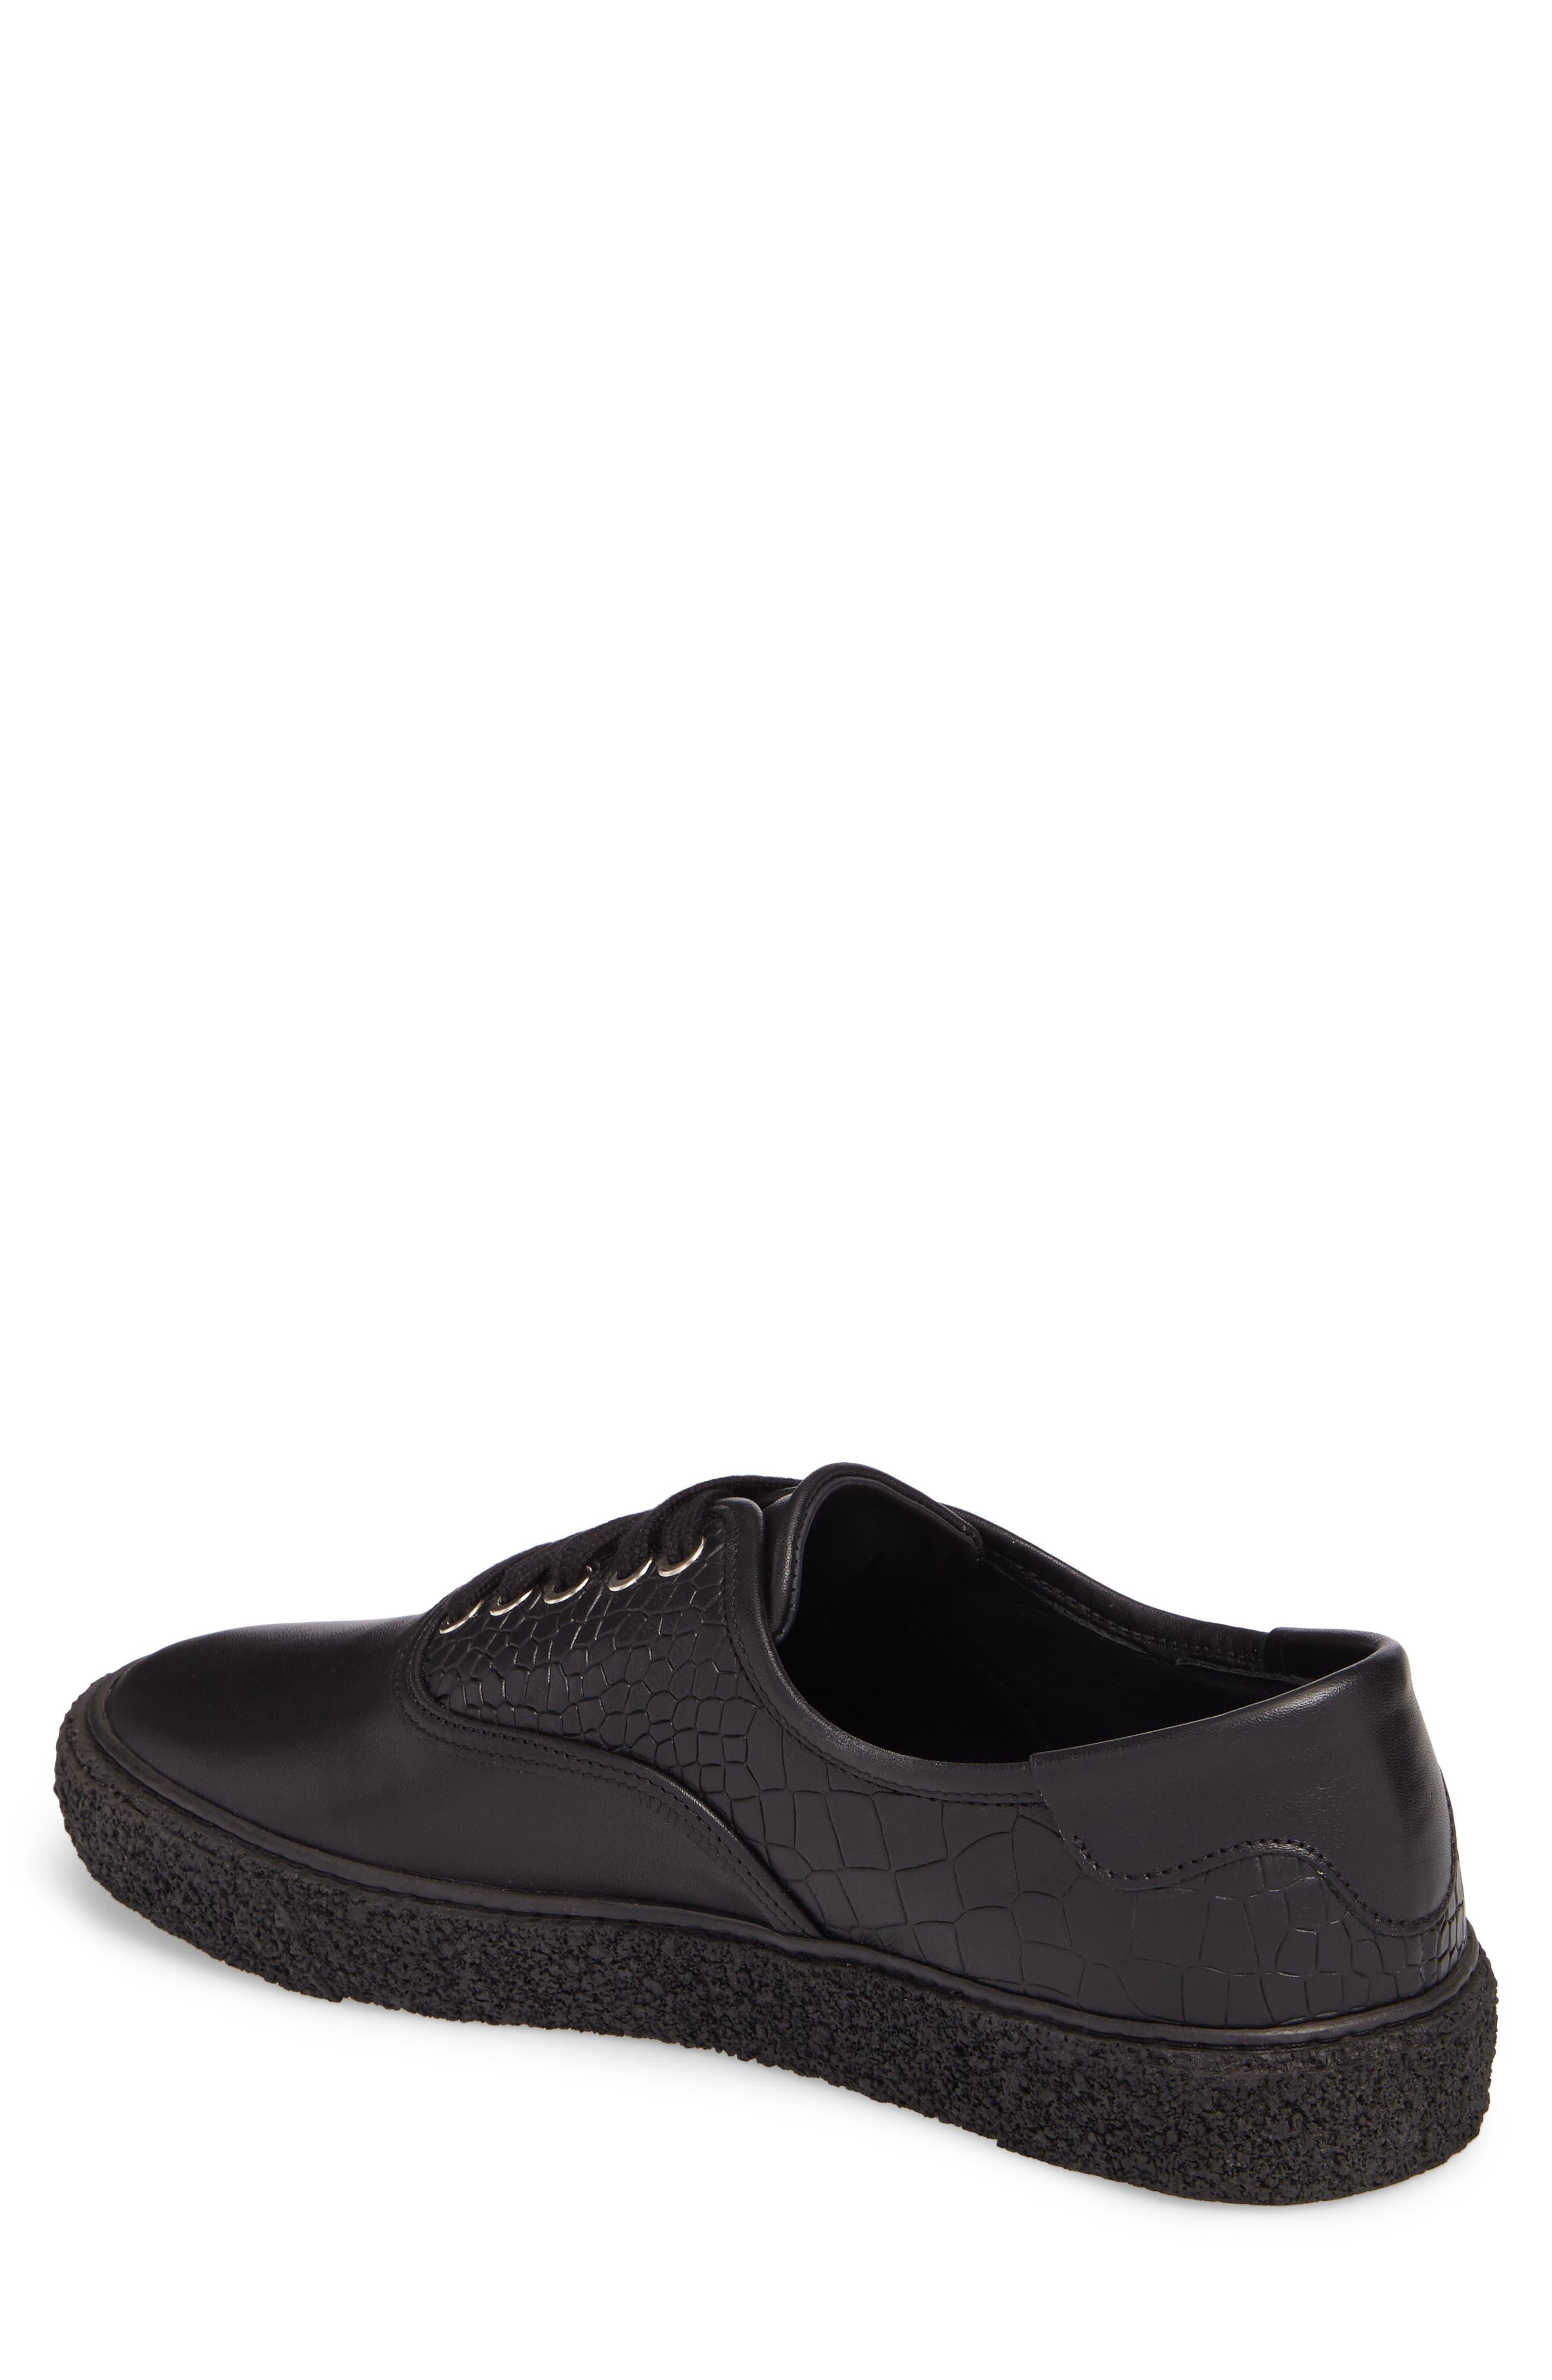 Skate Embossed Sneaker,                             Alternate thumbnail 2, color,                             Black Leather